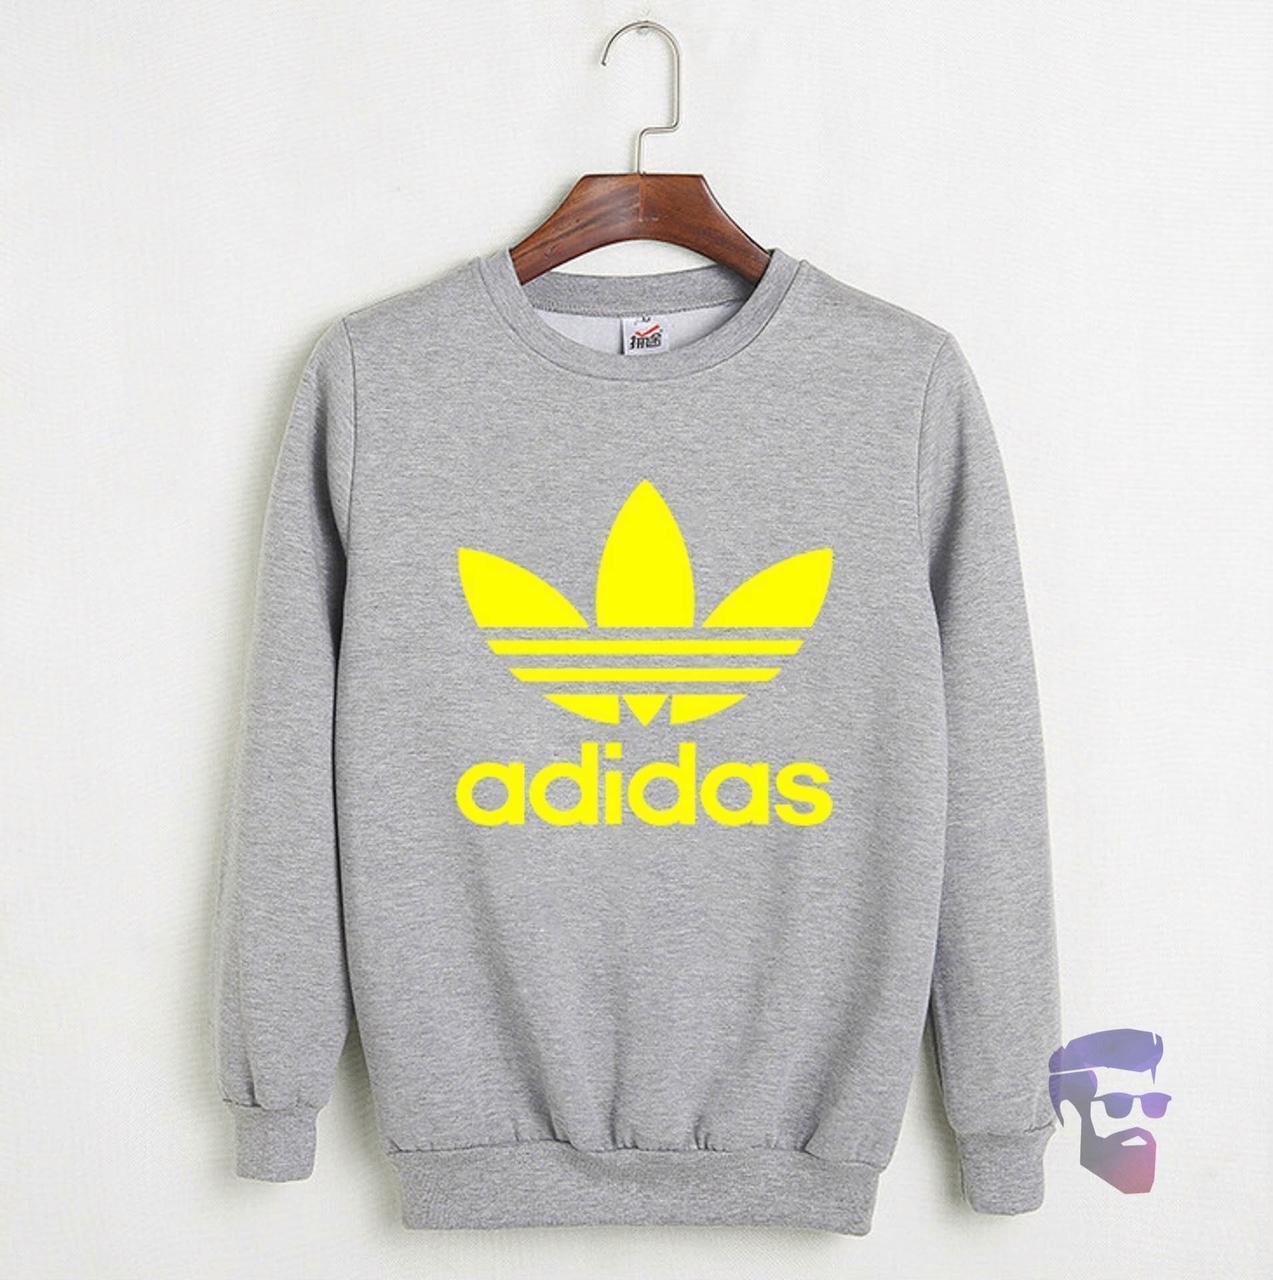 Спортивна кофта Адідас, Чоловіча кофта Adidas, світло сіра, меланж, трикотажна, реглан, світшот